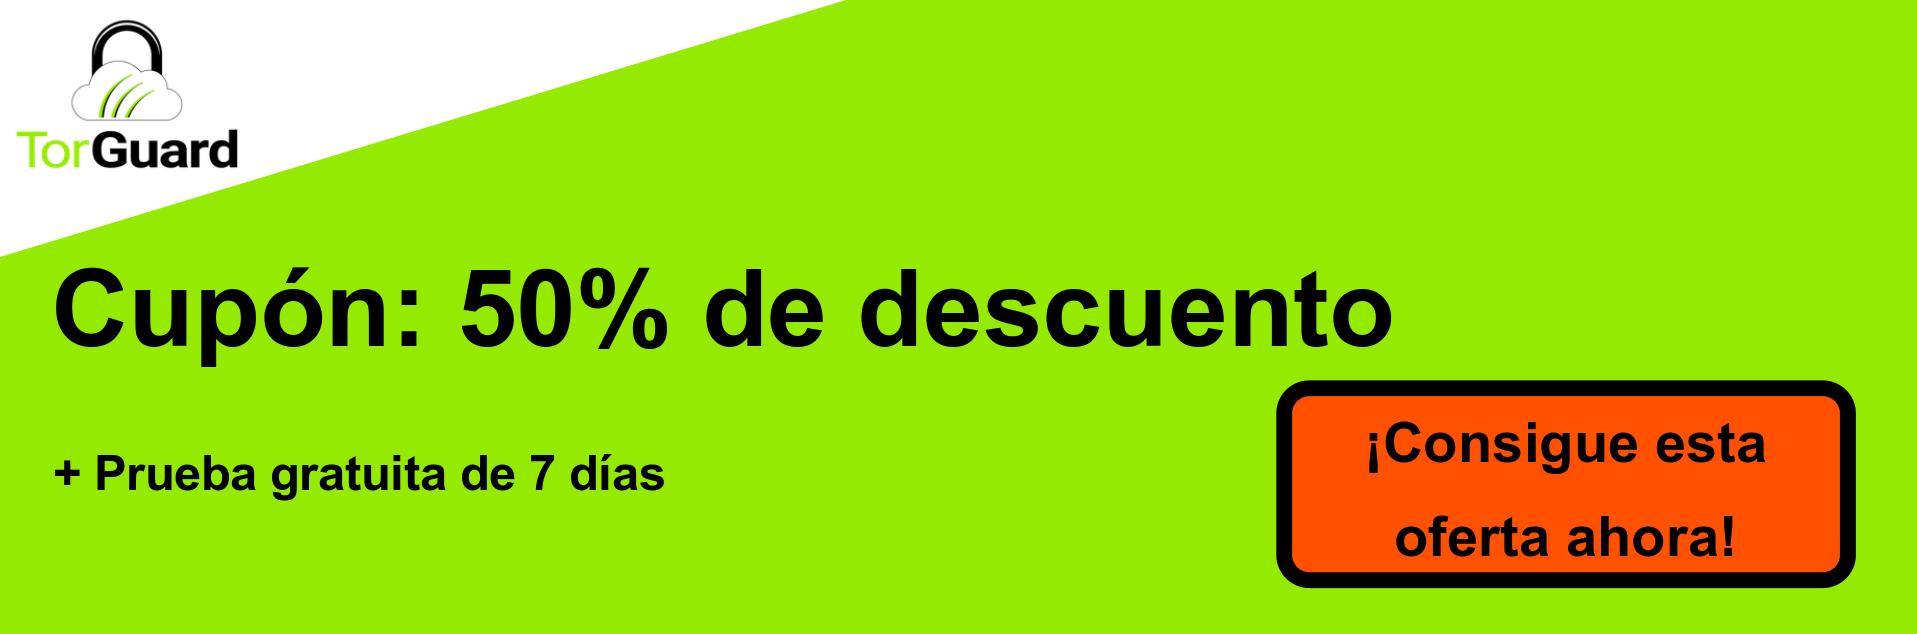 Banner de cupón TorGuard VPN: 50% de descuento